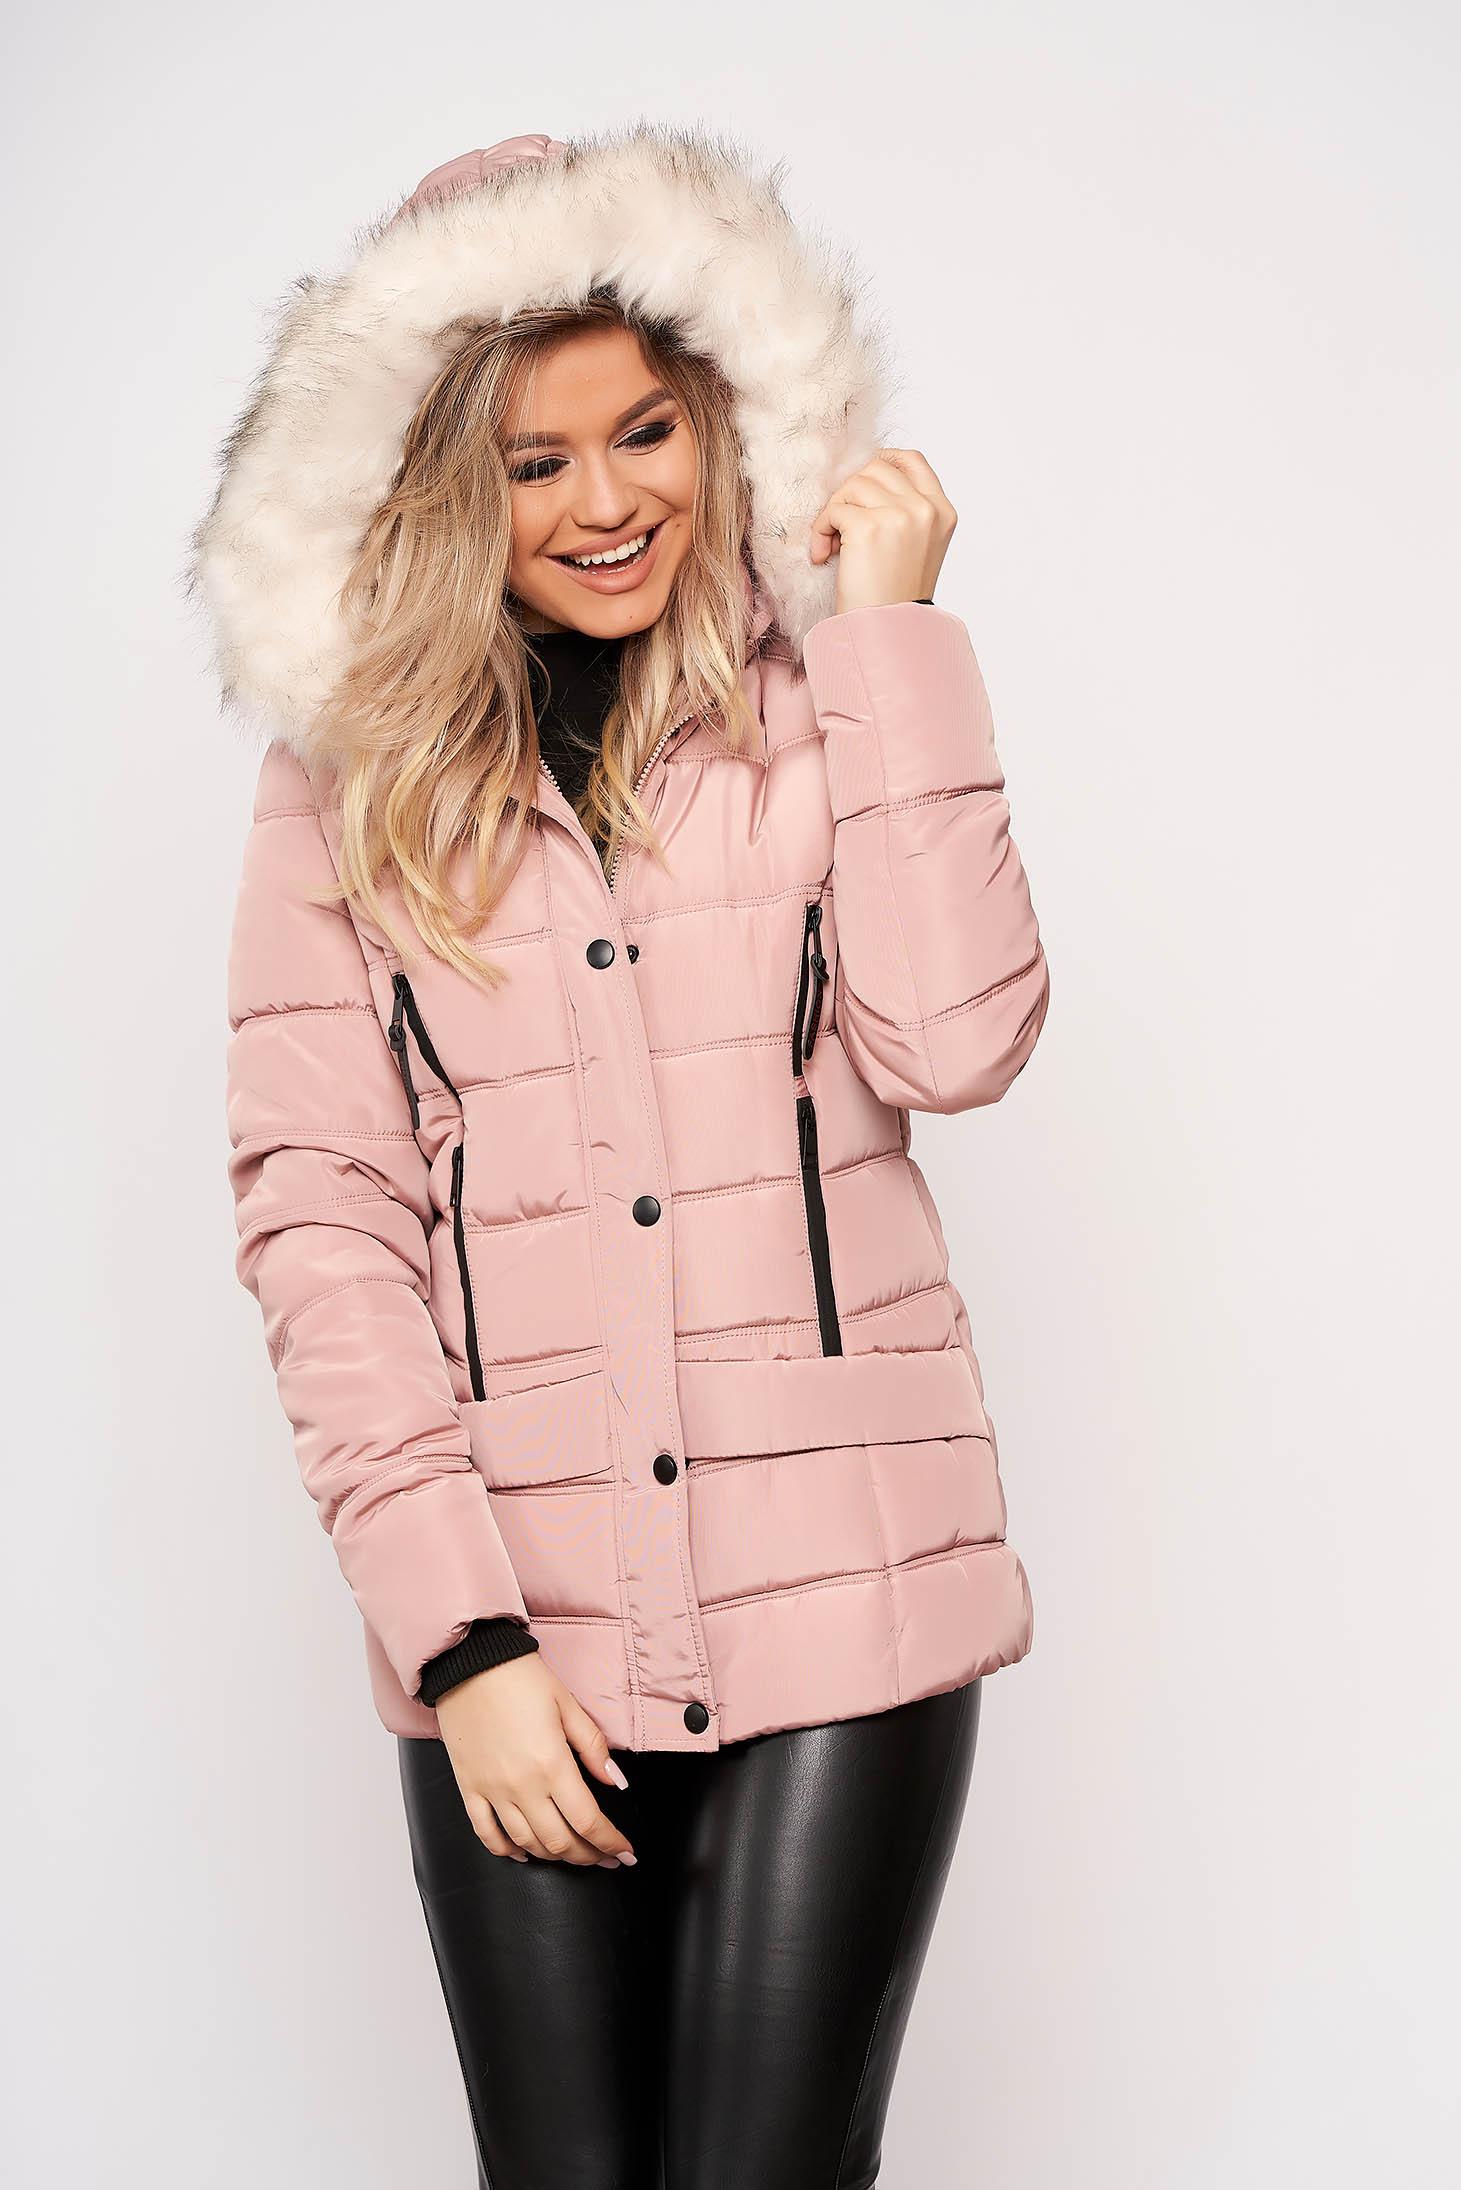 Világos rózsaszínű casual rövid zsebes szőrmés eltávolítható kapucnis vízhatlan dzseki